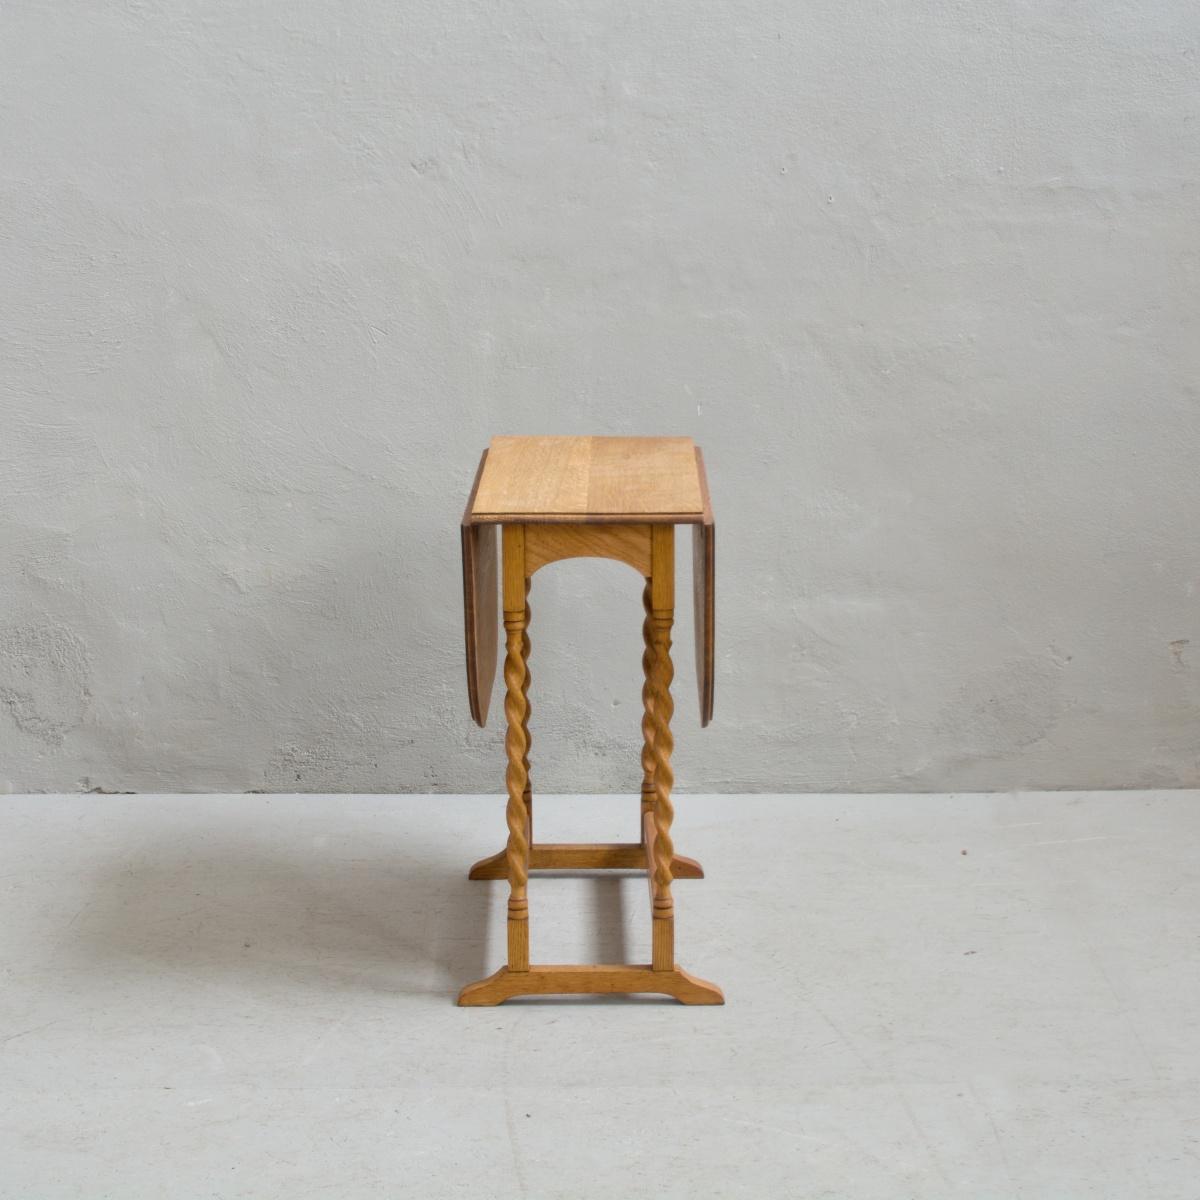 Prodej anglického nábytku anglický rozkládací stůl